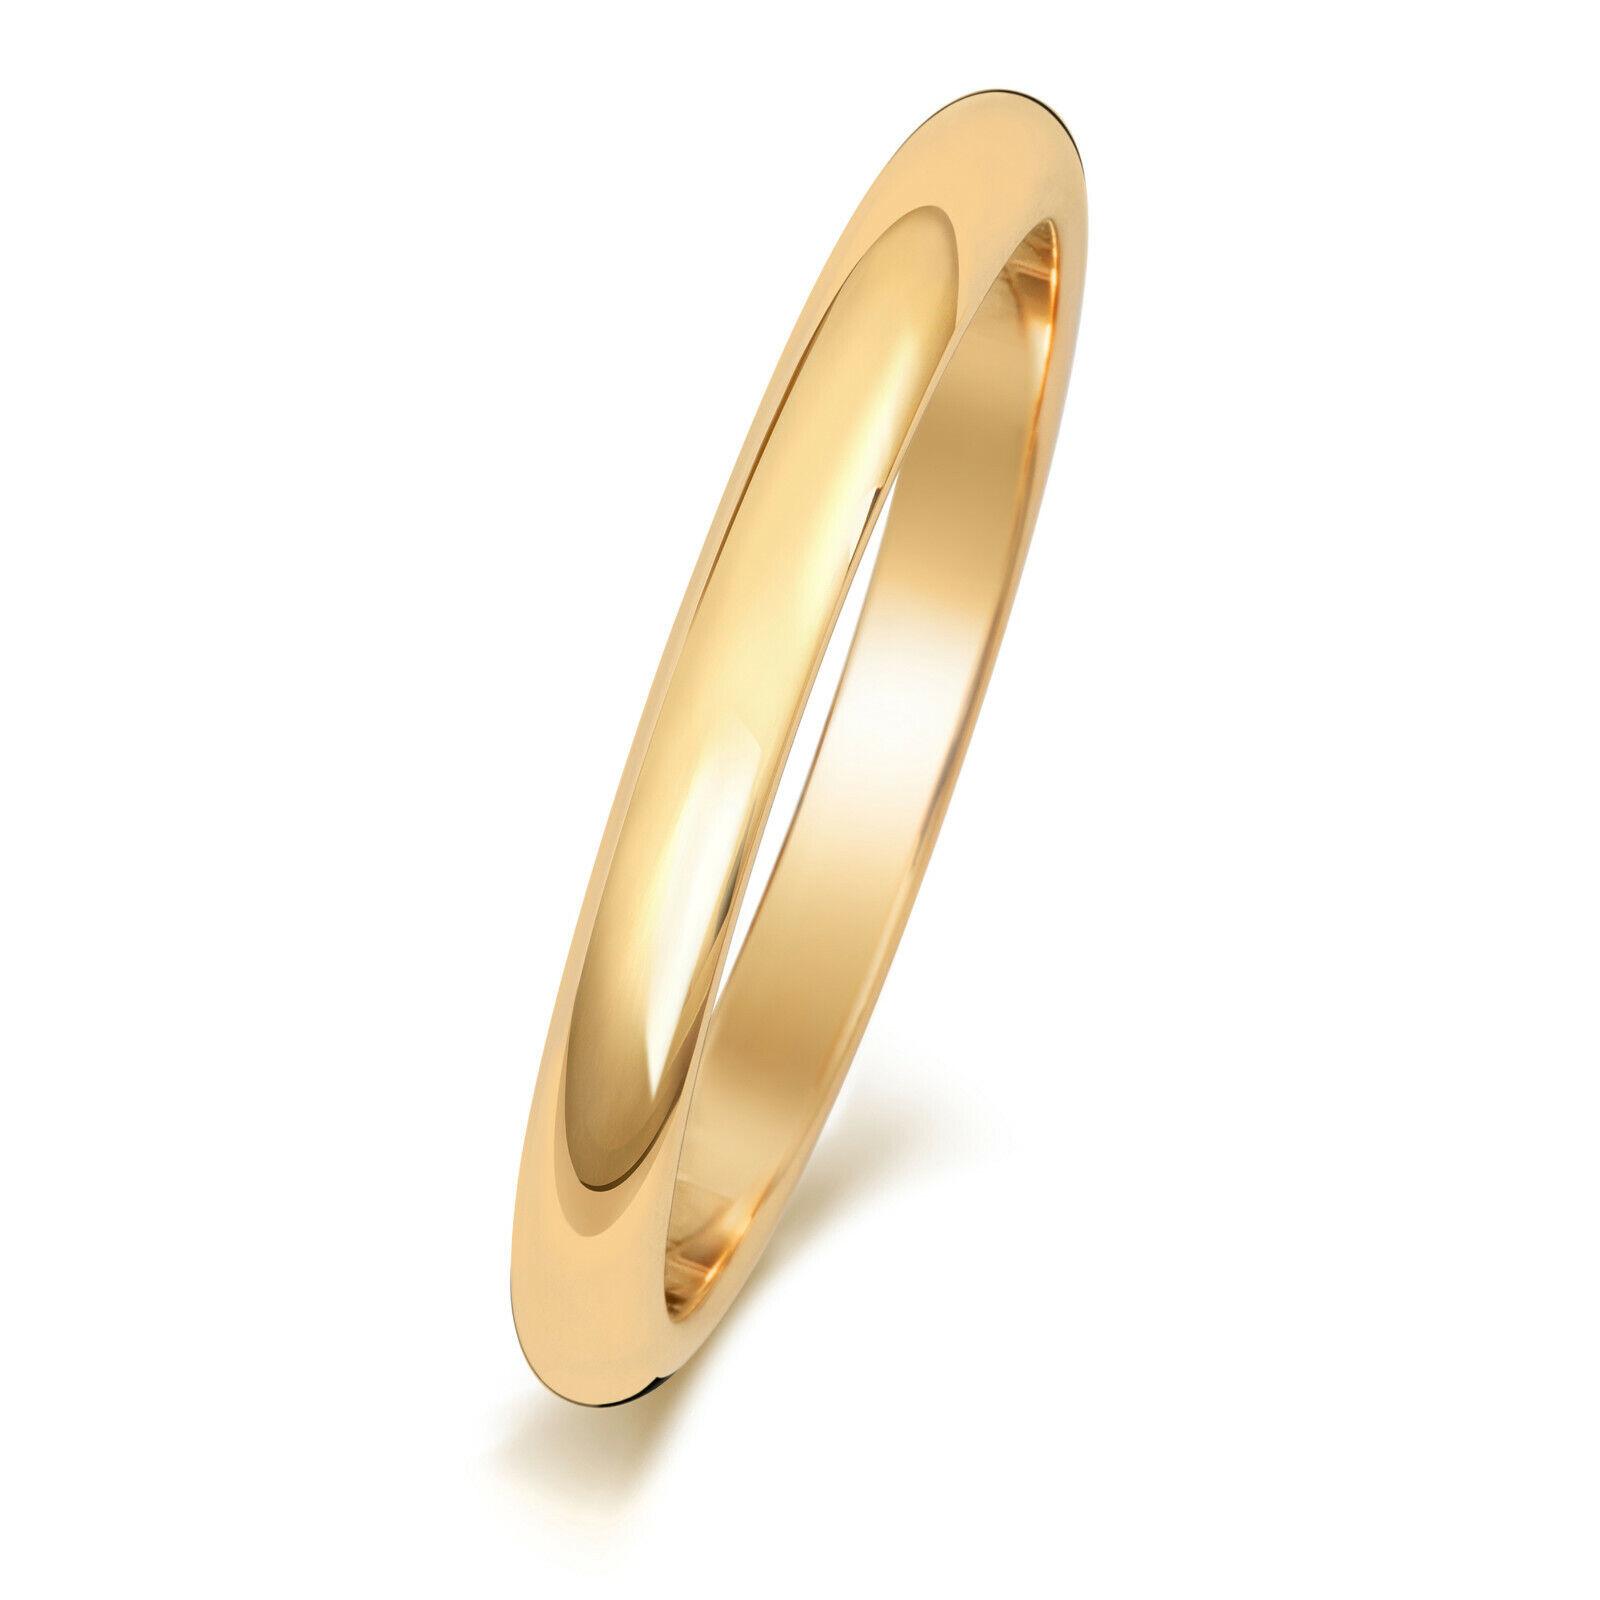 Details Zu 9ct Gold Hochzeit Ring Gelb 2mm D Form Damen Herren Pl Ehering Gratis Gravur Box